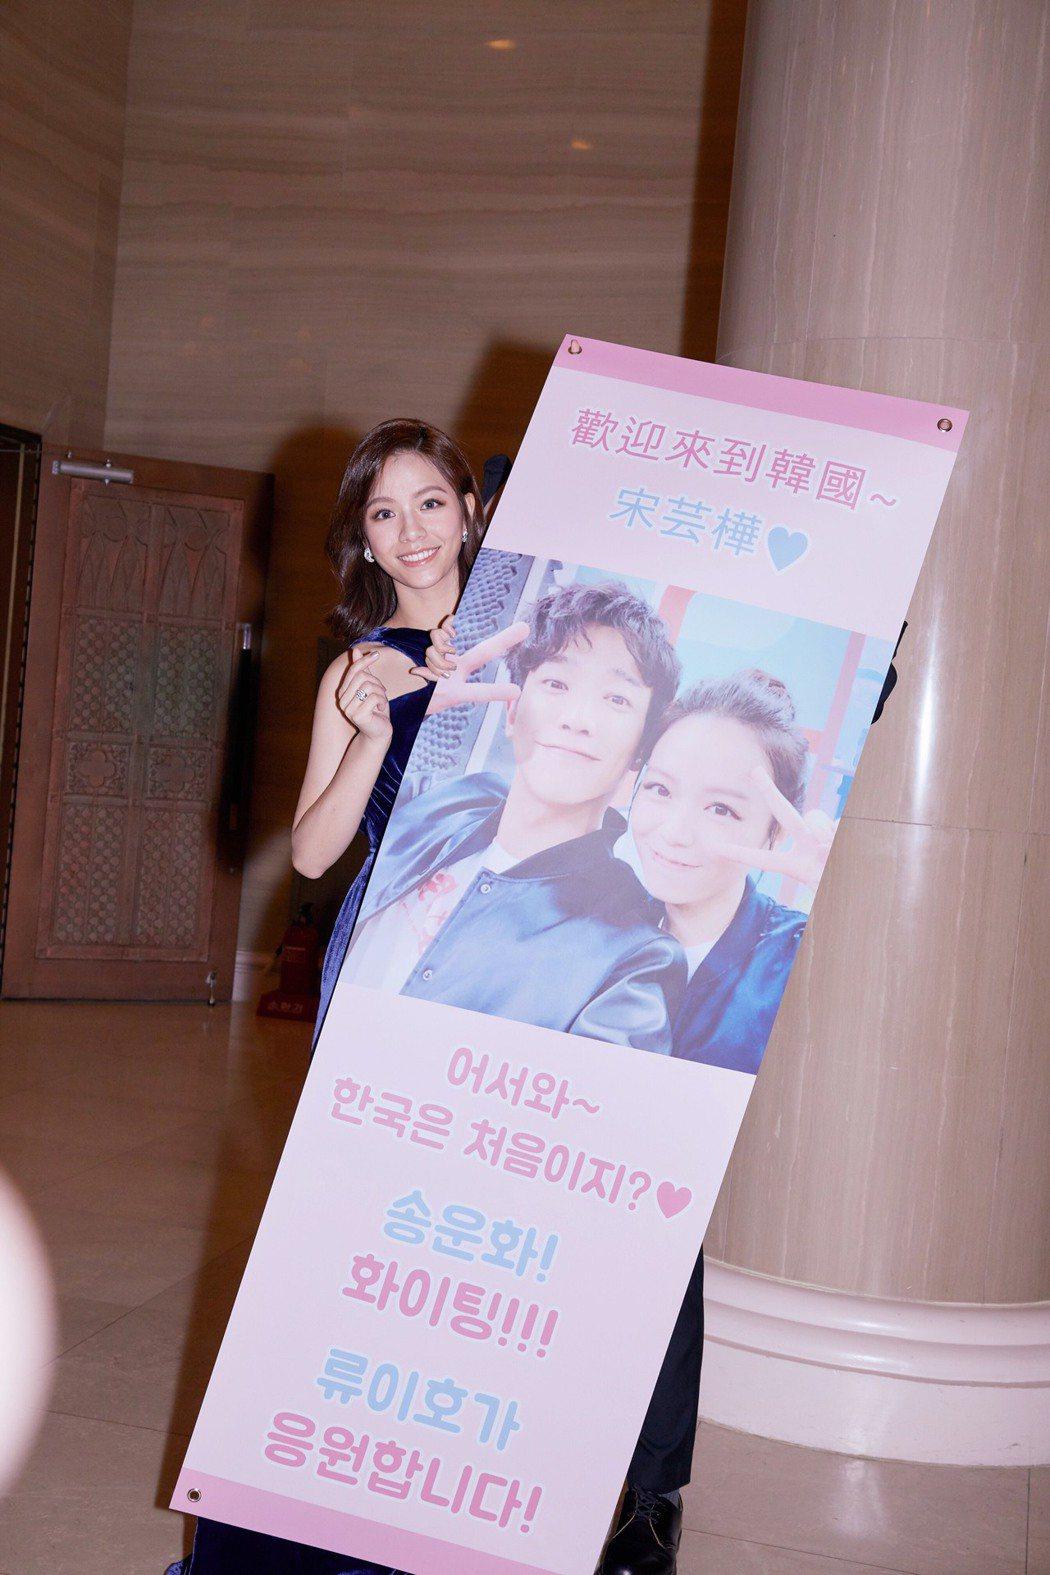 宋芸樺喜收劉以豪粉絲為她準備的應援板。圖/群星瑞智提供